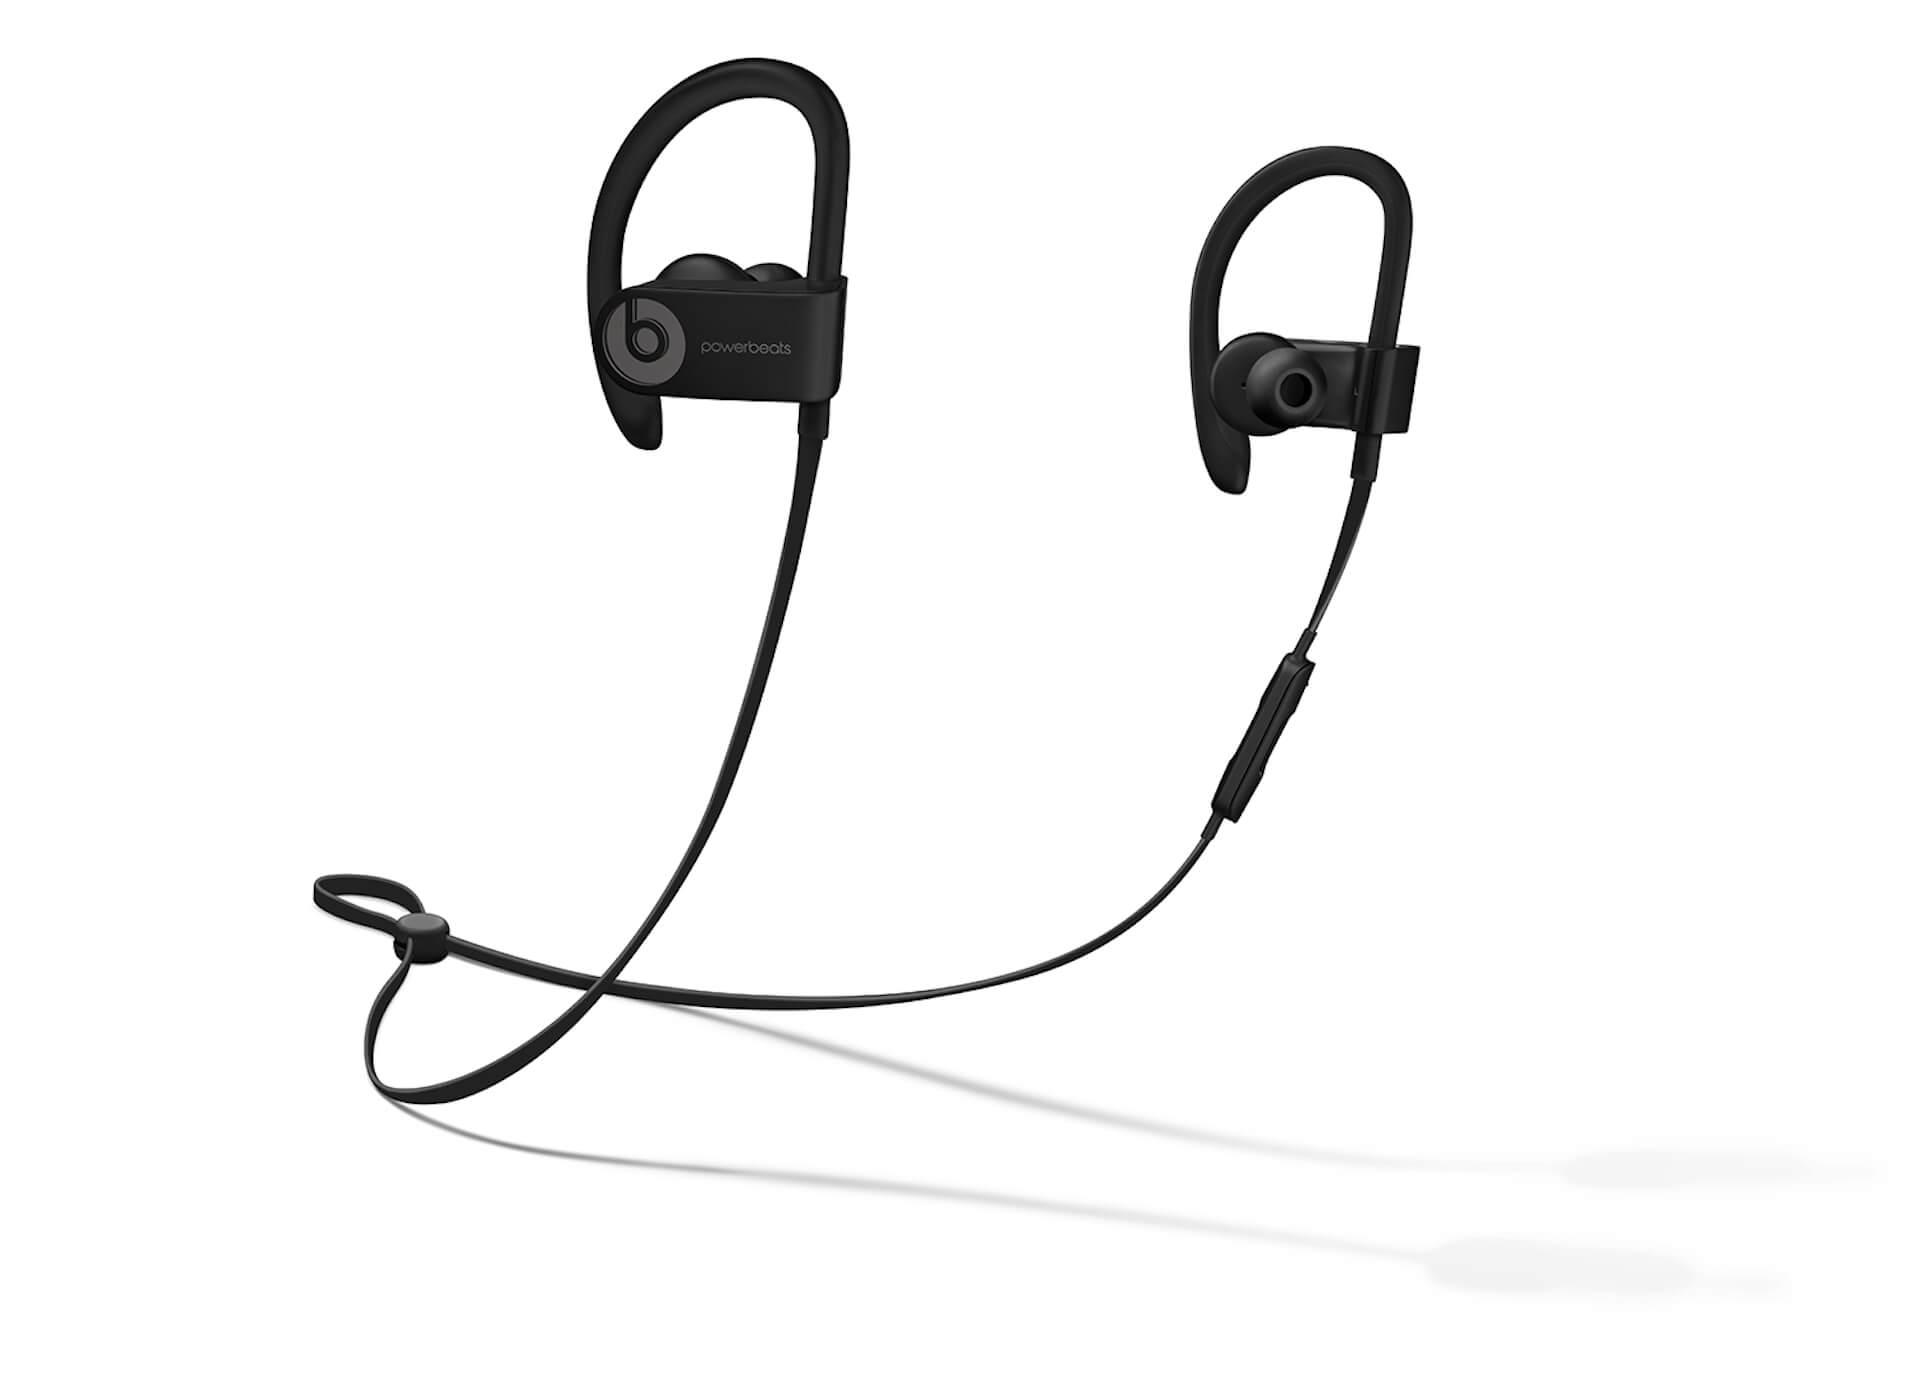 新型のPowerbeatsがAppleから登場か?FCC認証を取得したアートワークが公開 tech200228_powerbeats_main